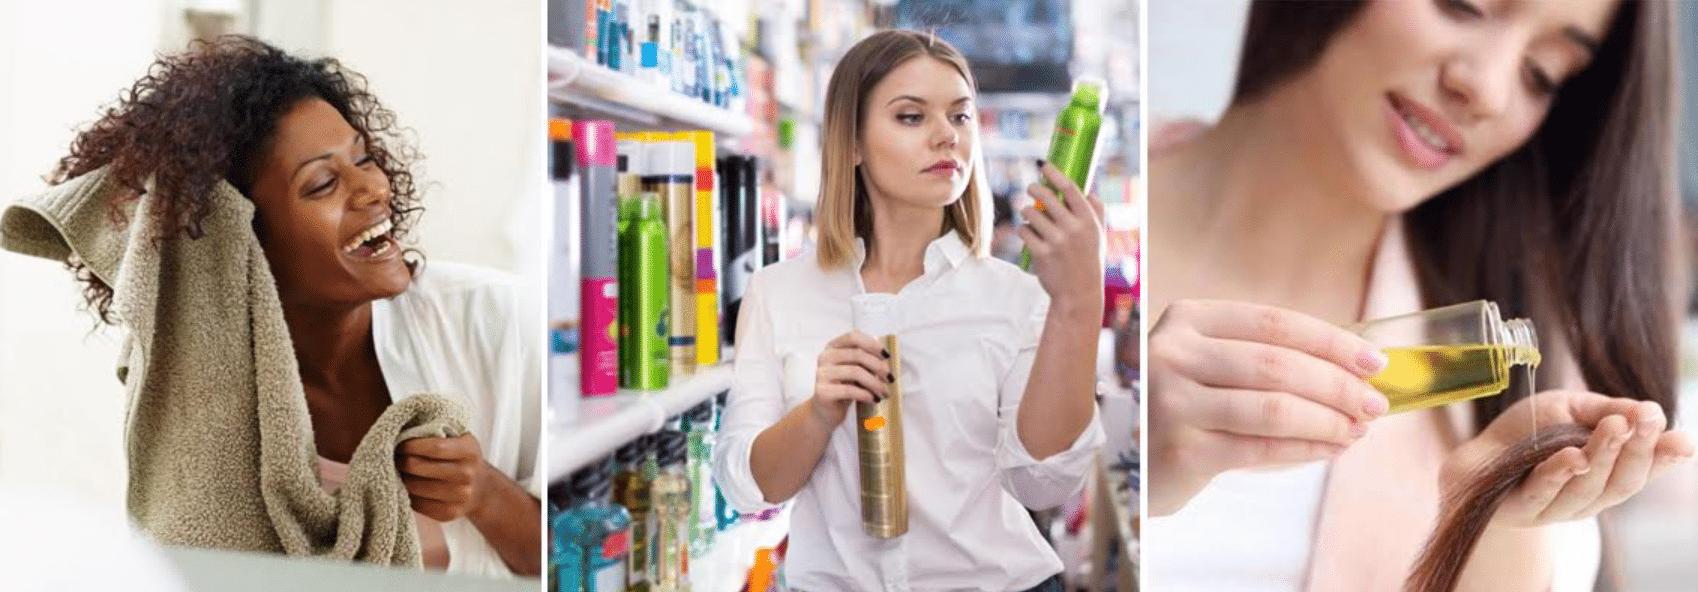 imagens de mulheres comprando e usando produtos para hidratar o cabelo